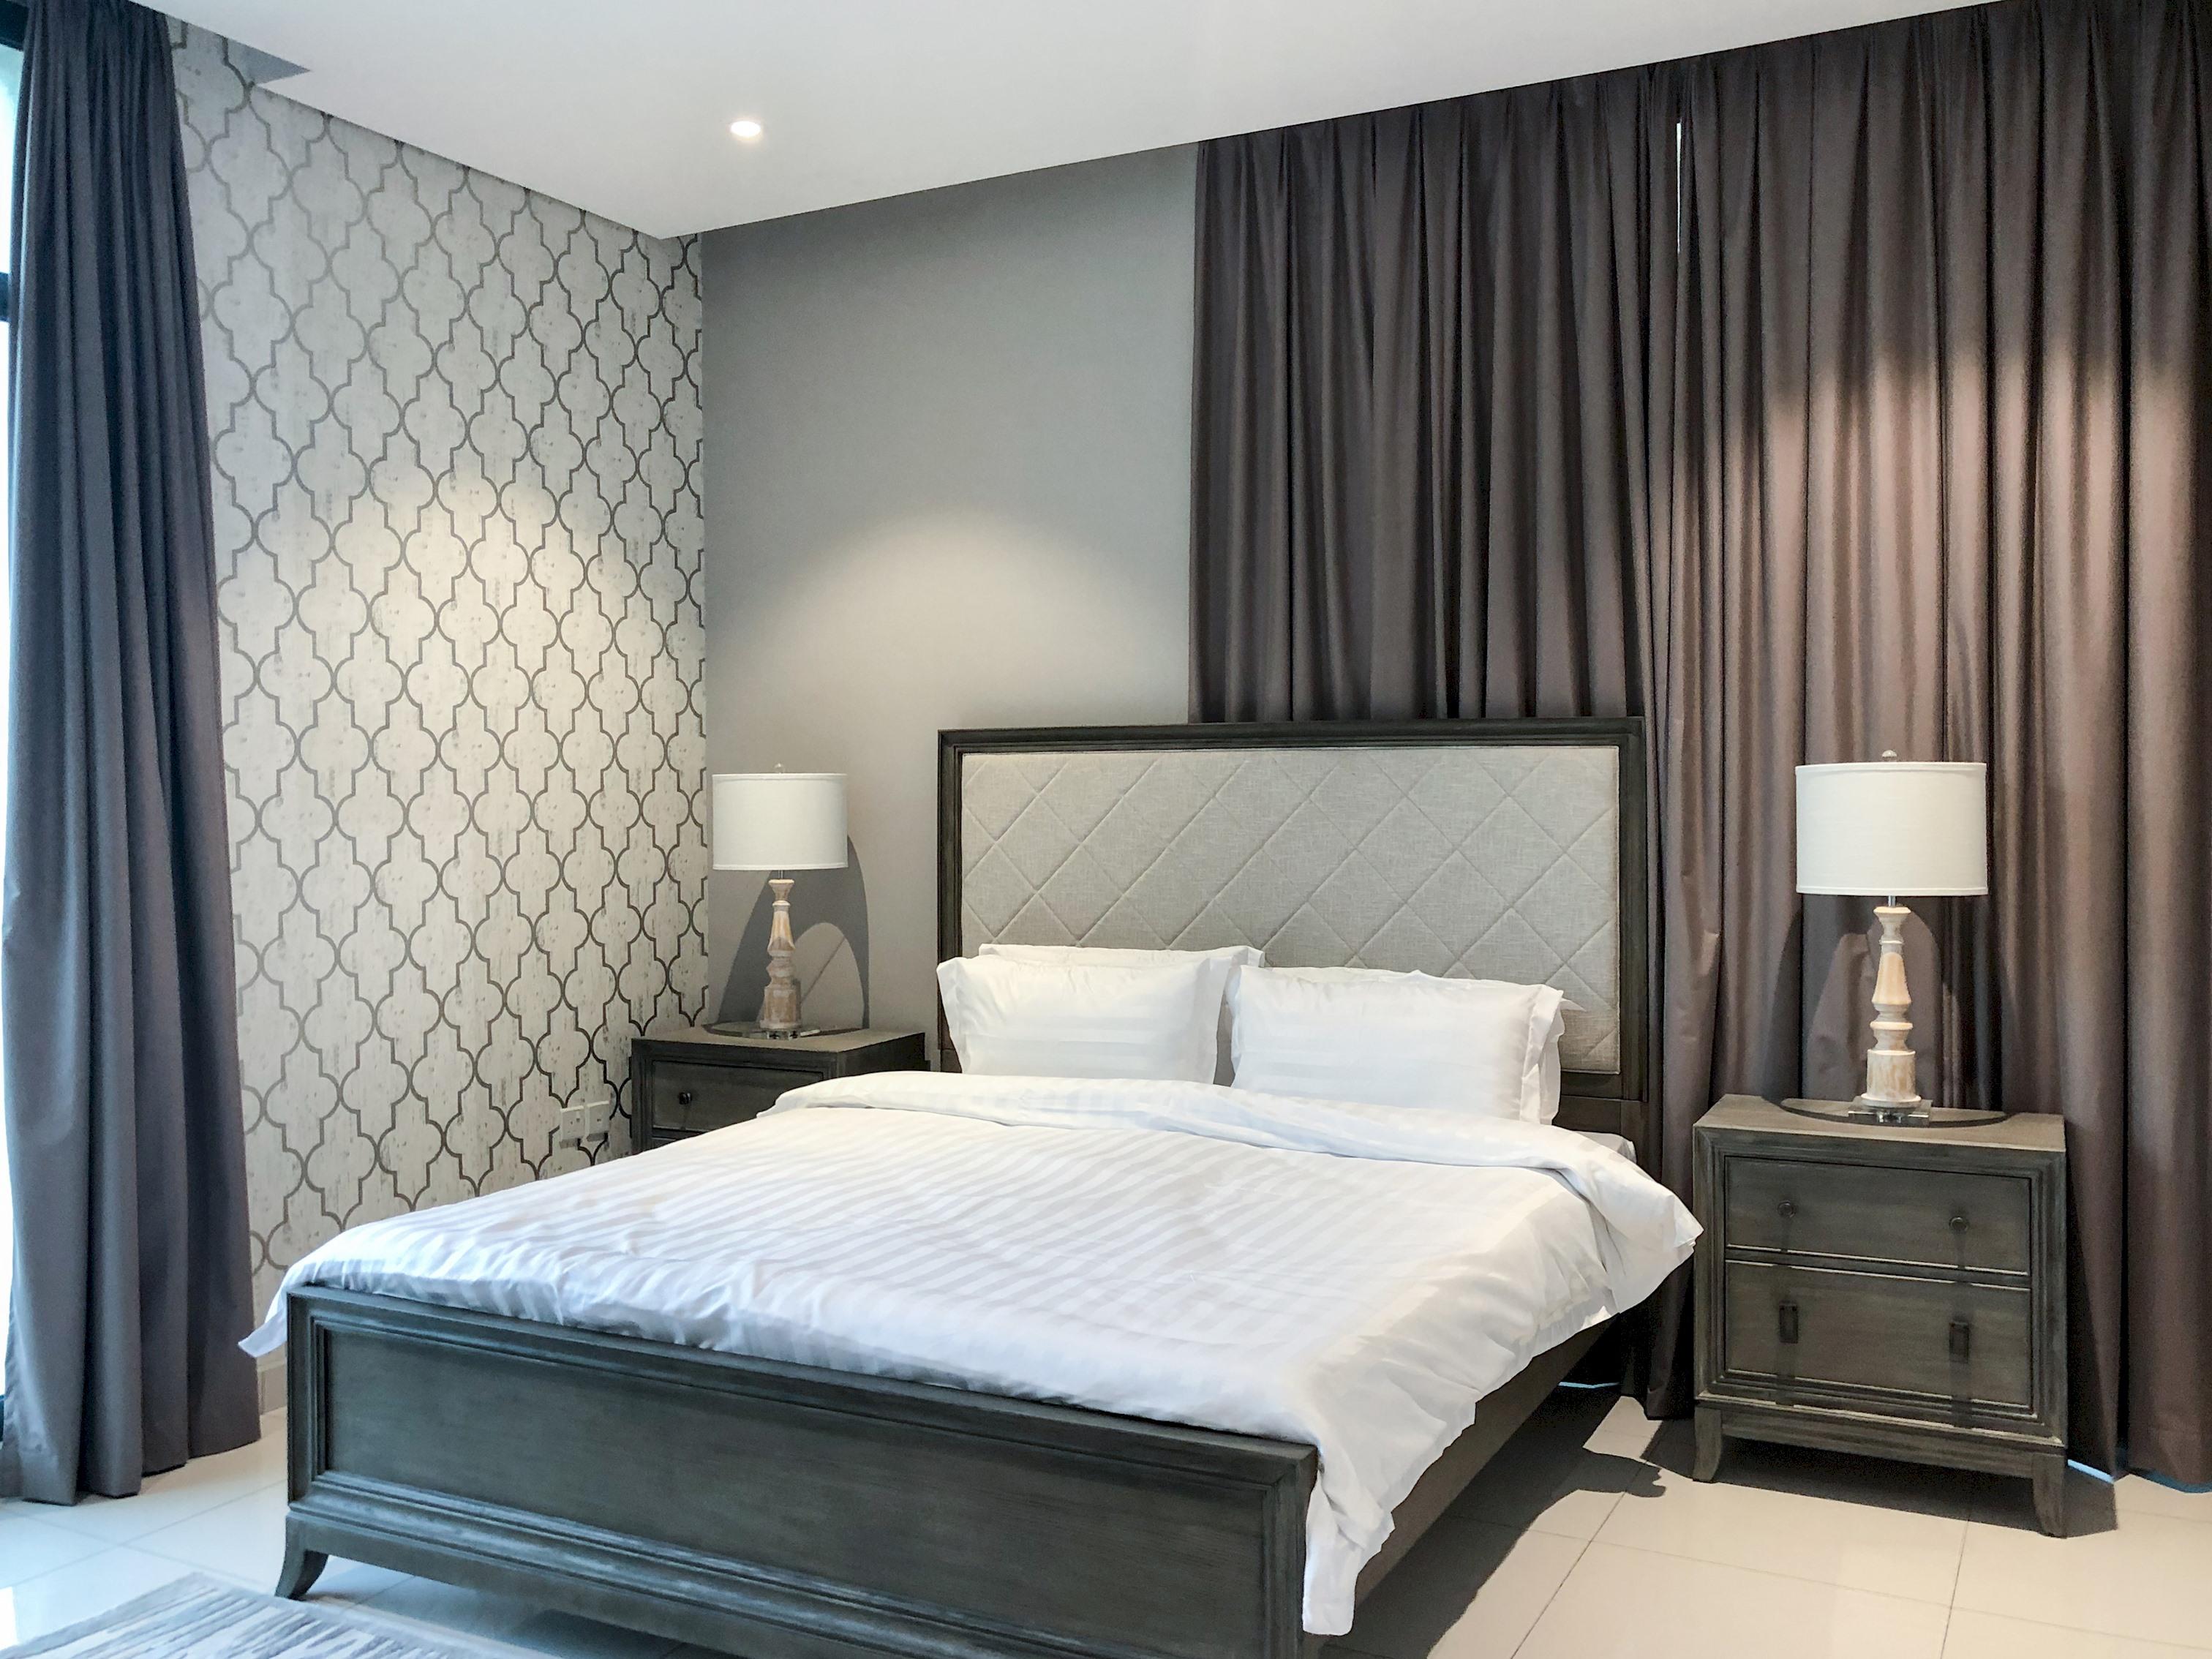 Apartment The Galleries Meydan Luxury - Dubai photo 27263519